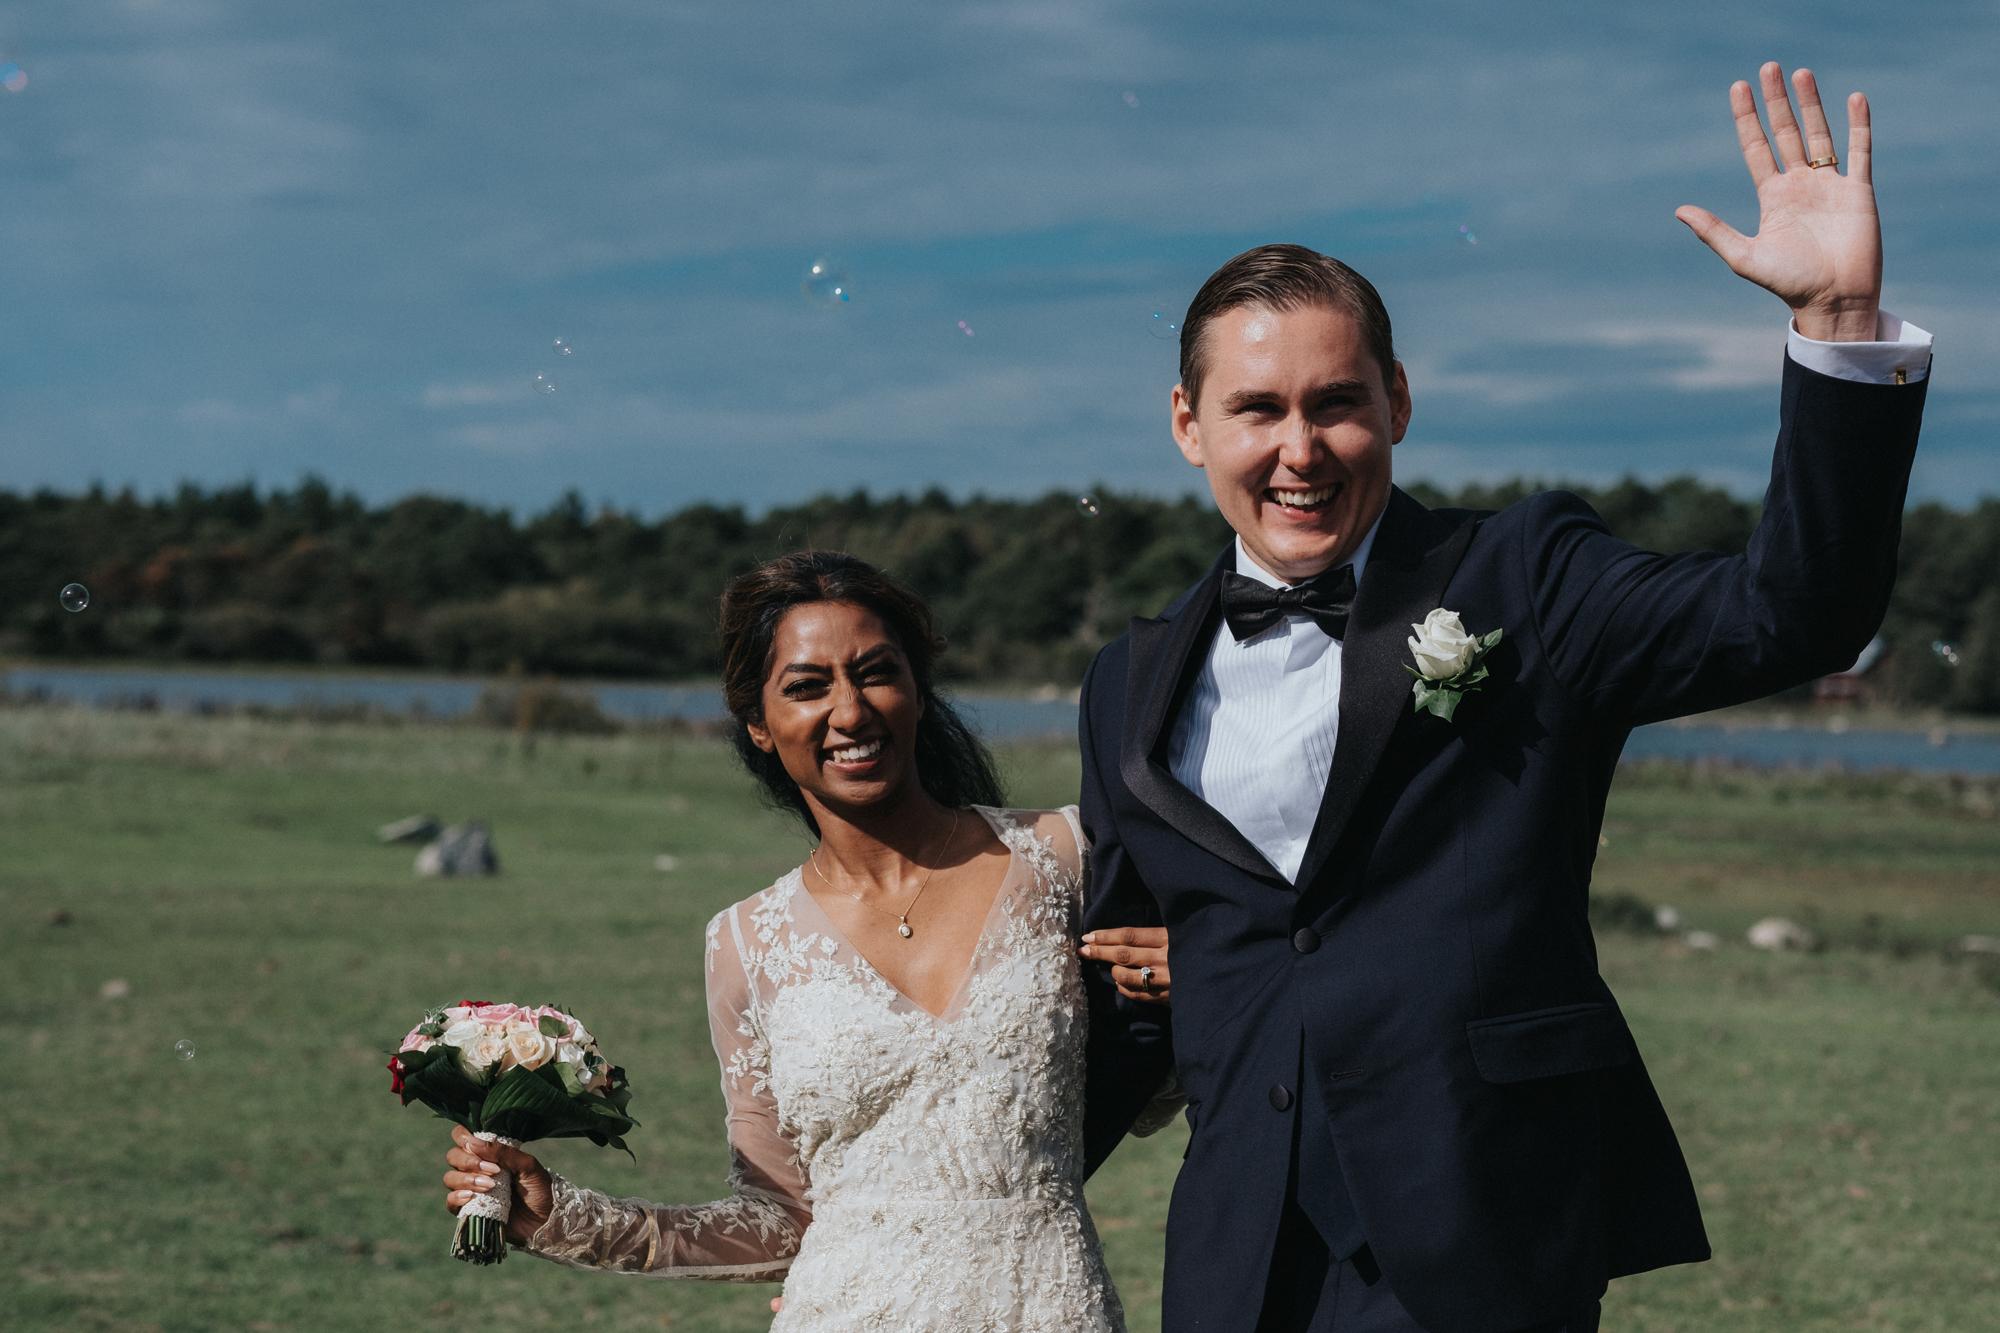 022-bröllopsfotograf-gotland-neas-fotografi.jpg